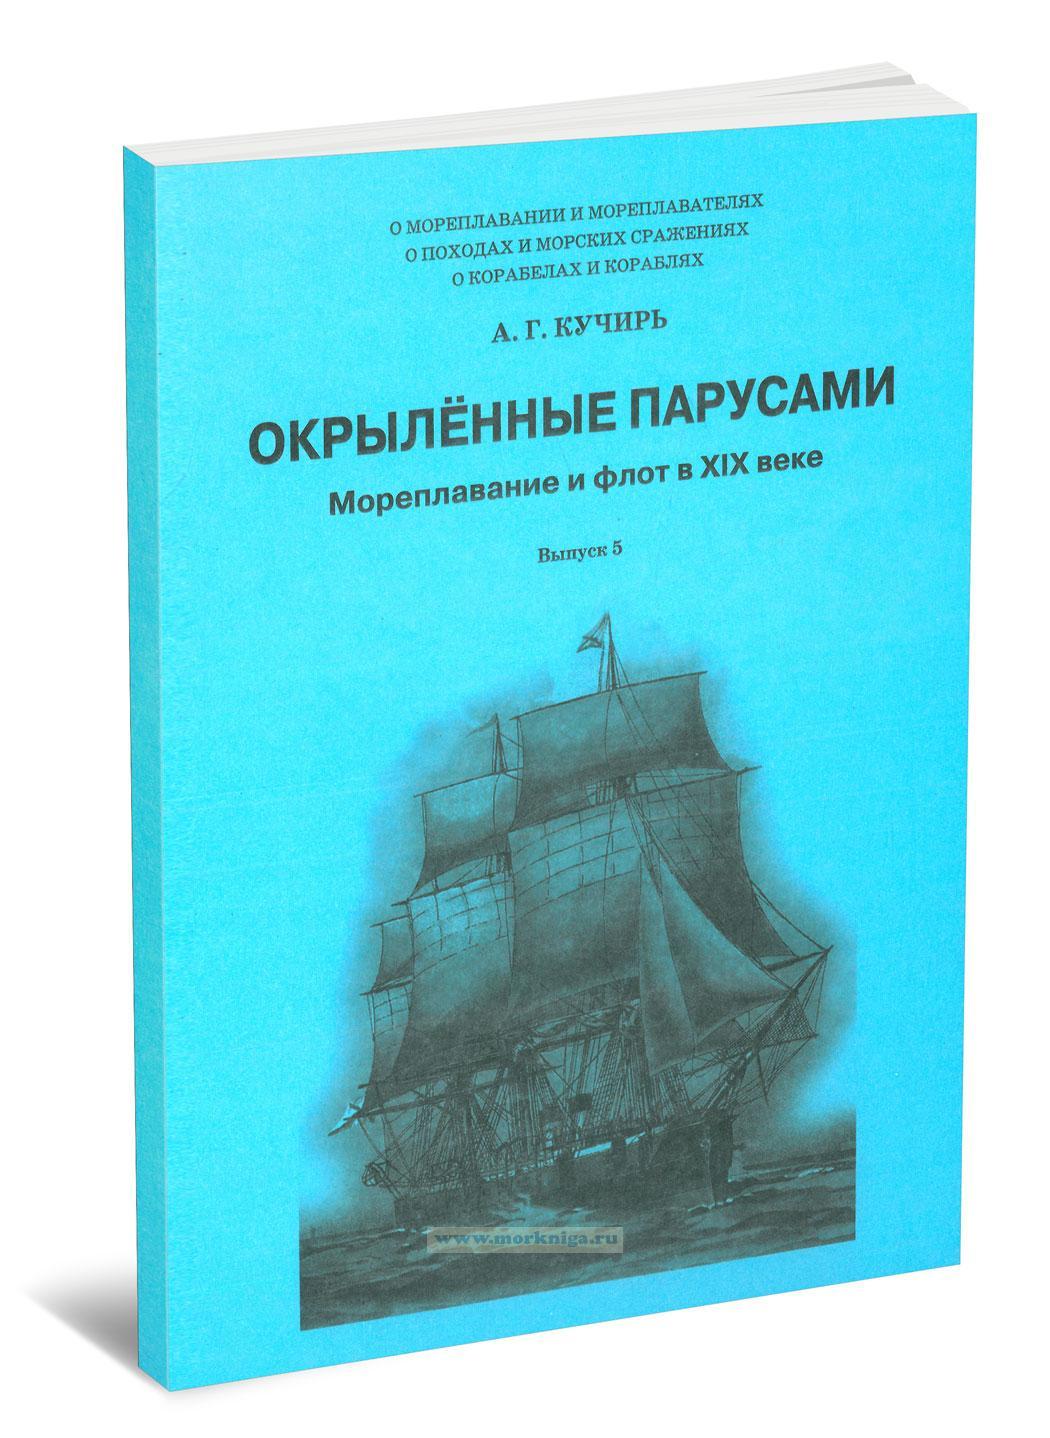 Мореплавание и флот в XIX веке. Выпуск 5